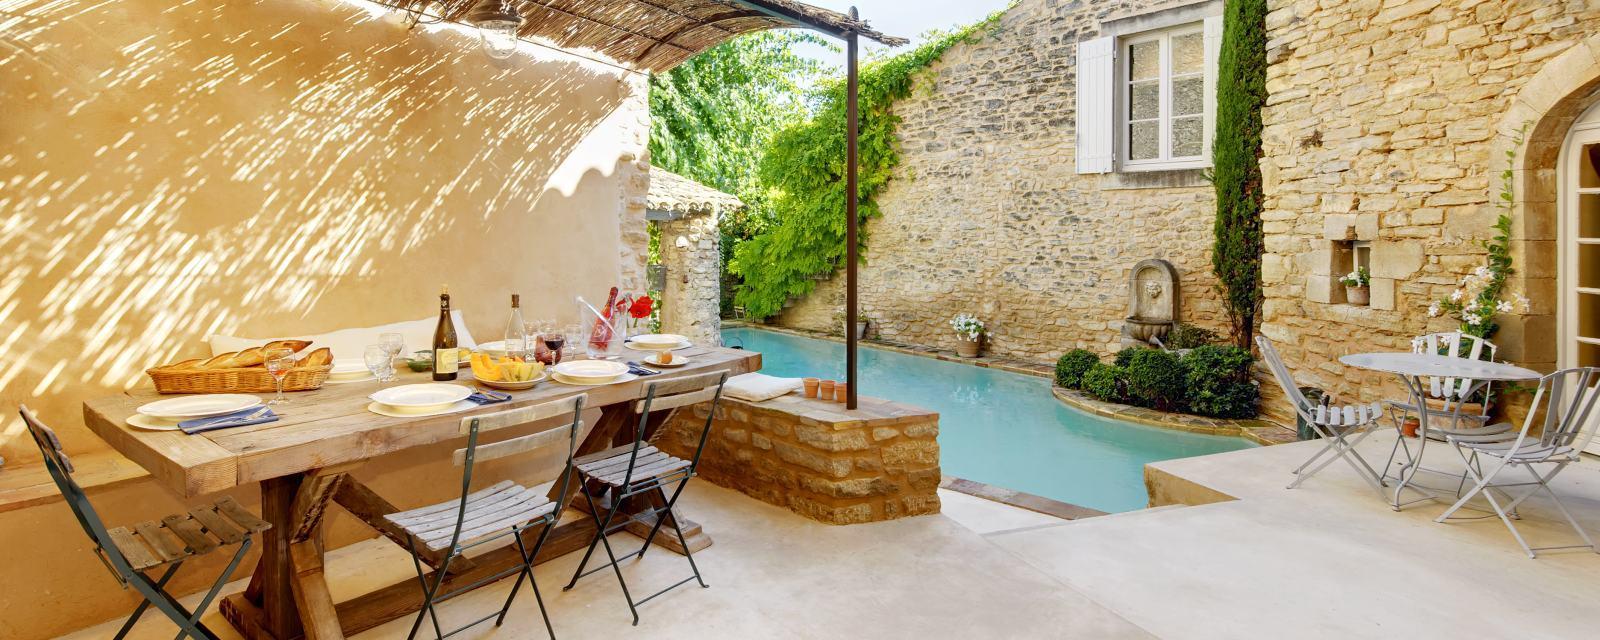 Maison Du Murier Provence 1 1